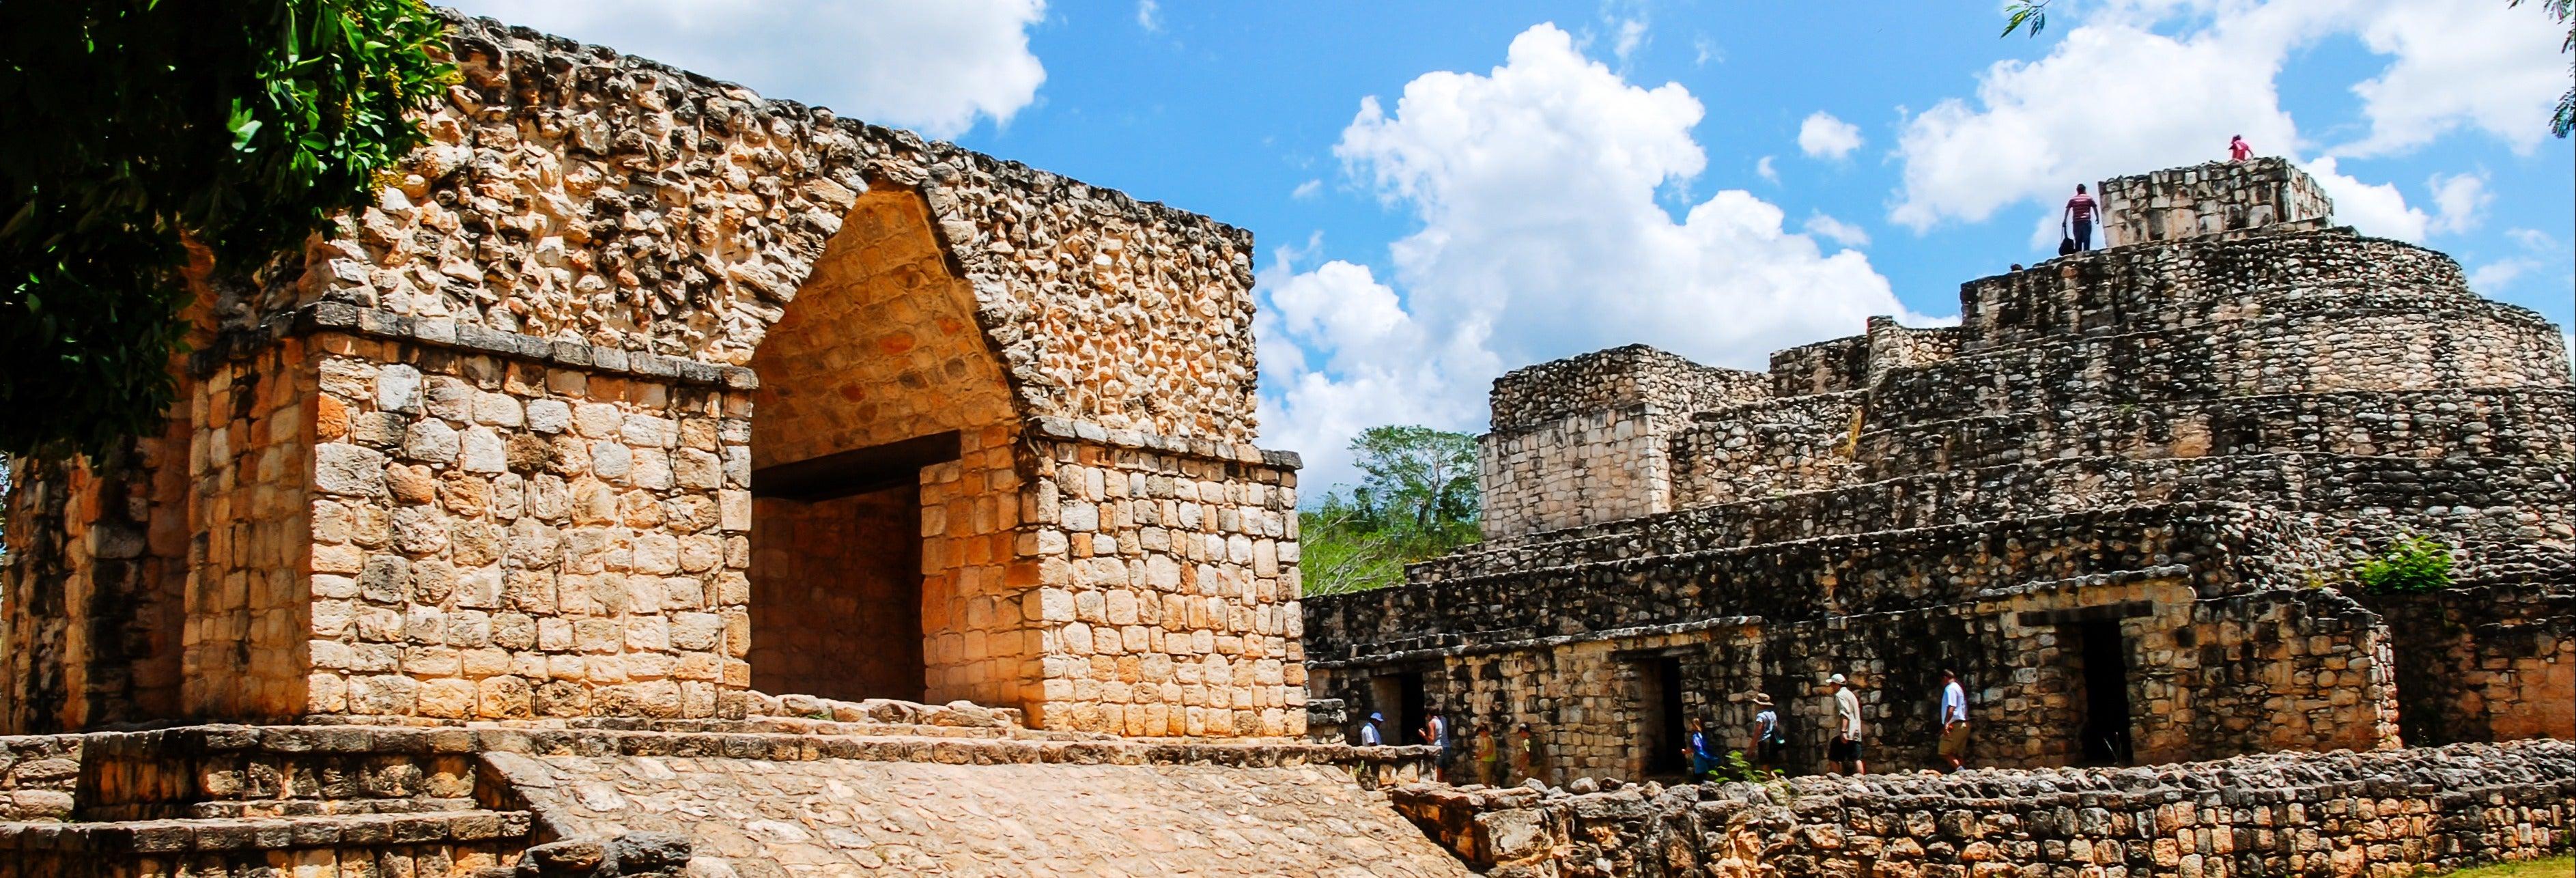 Excursão a Chichén Itzá, Cobá e cenote Ik-Kil